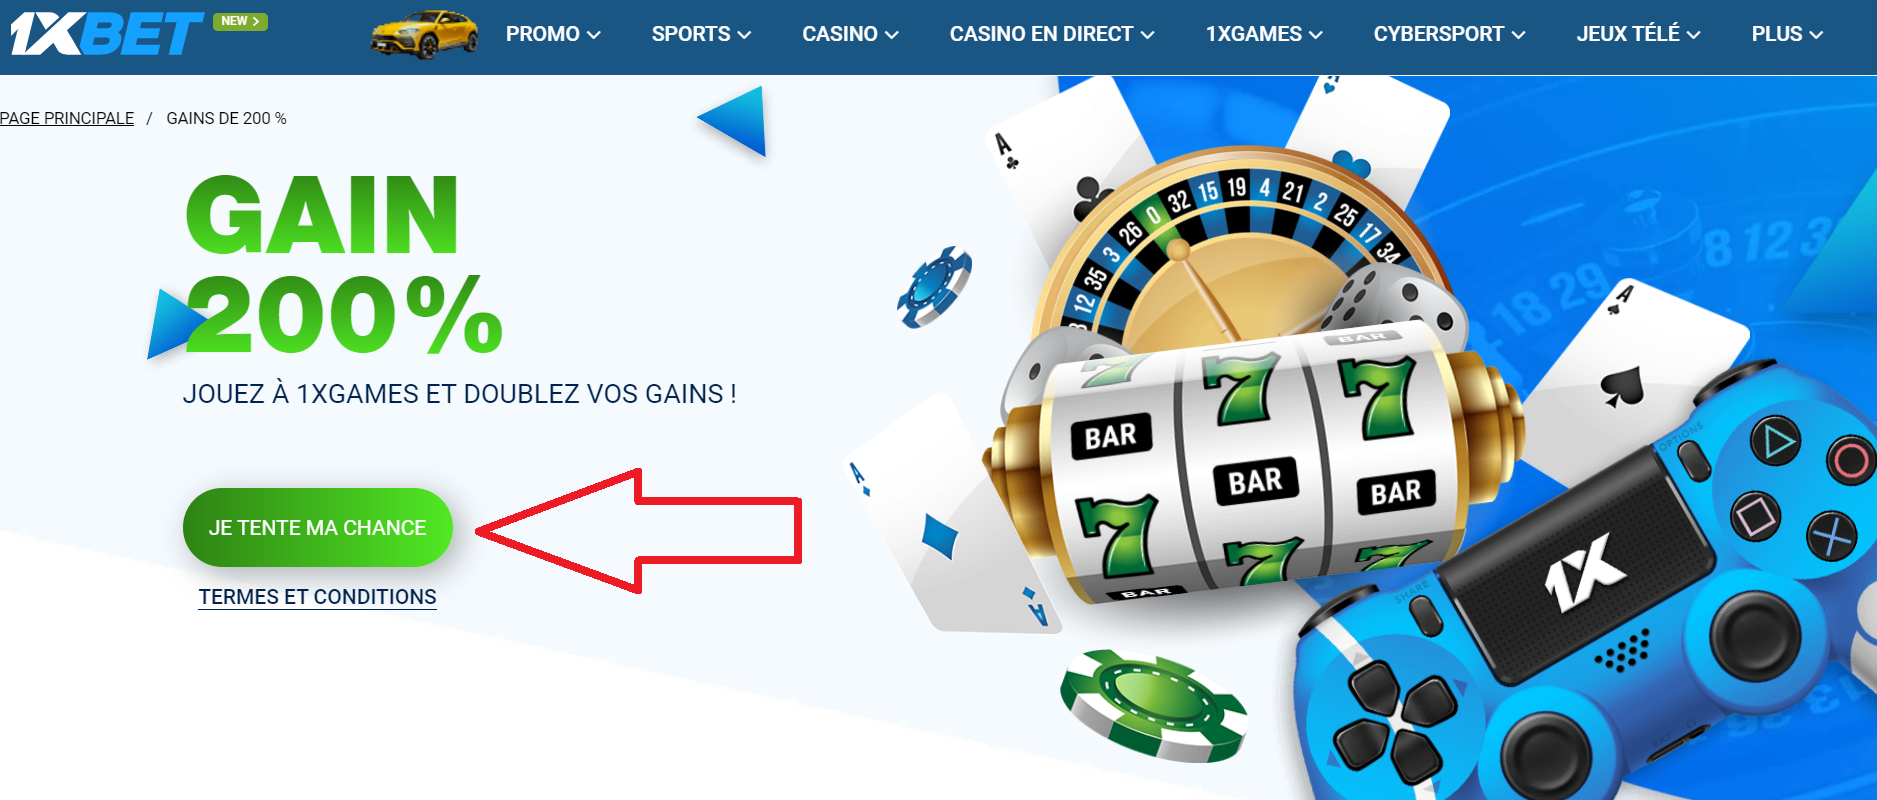 1xBet paris sportifs France - conclusion